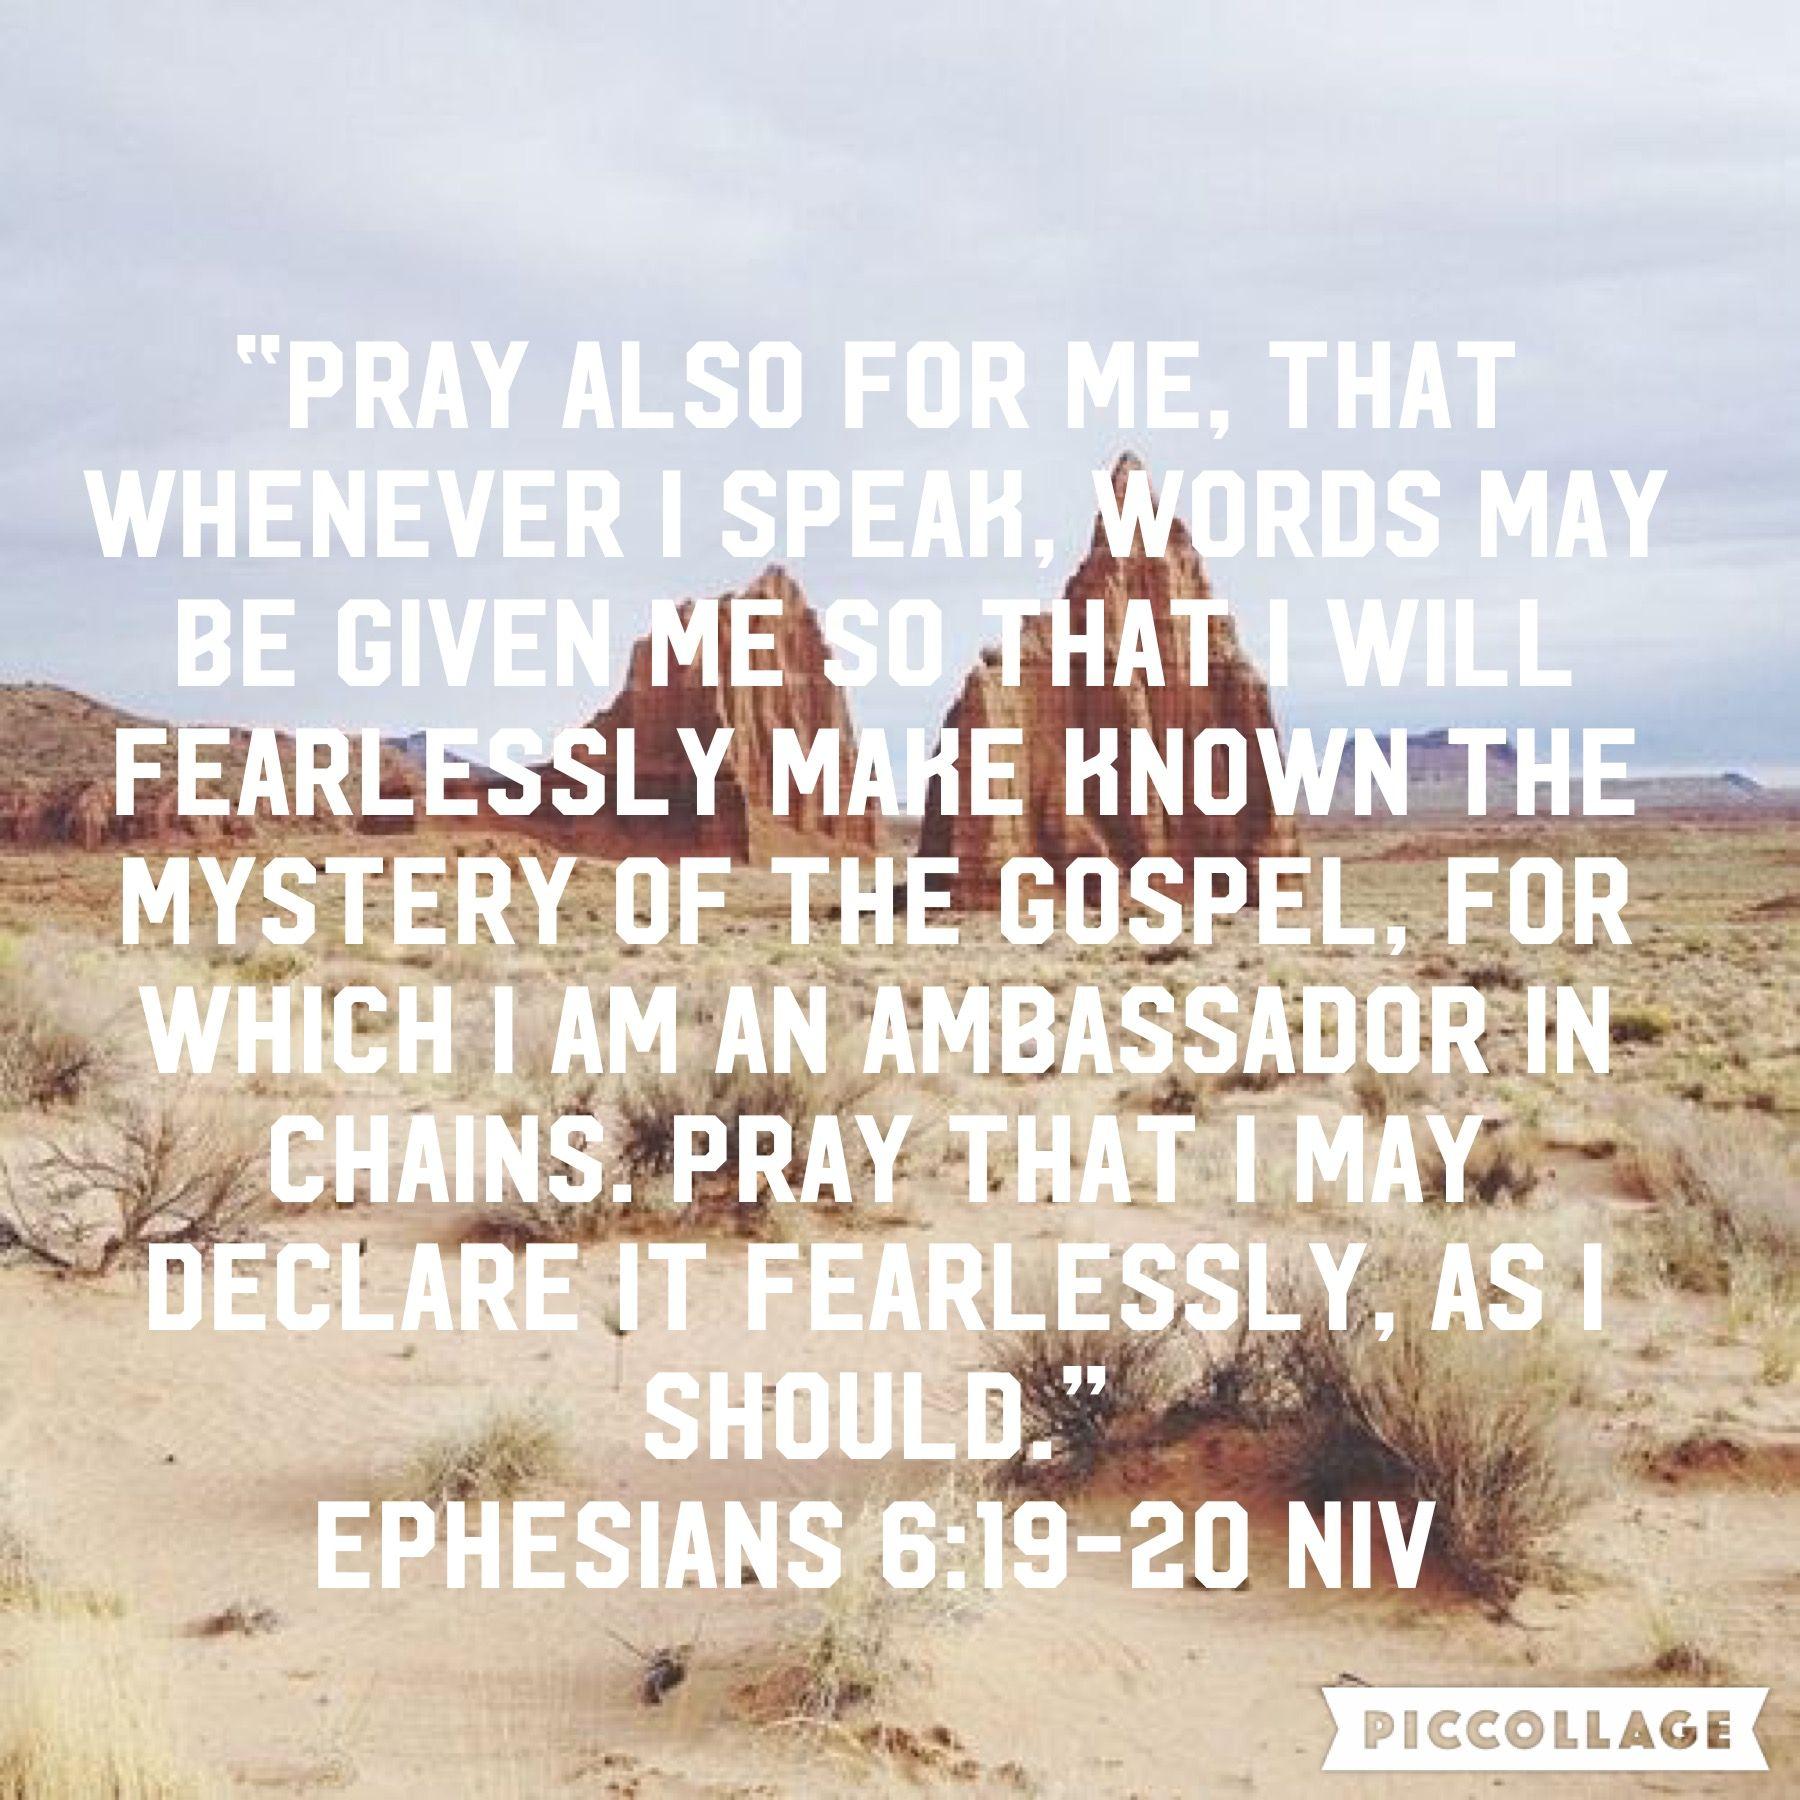 Ephesians 6:19-20